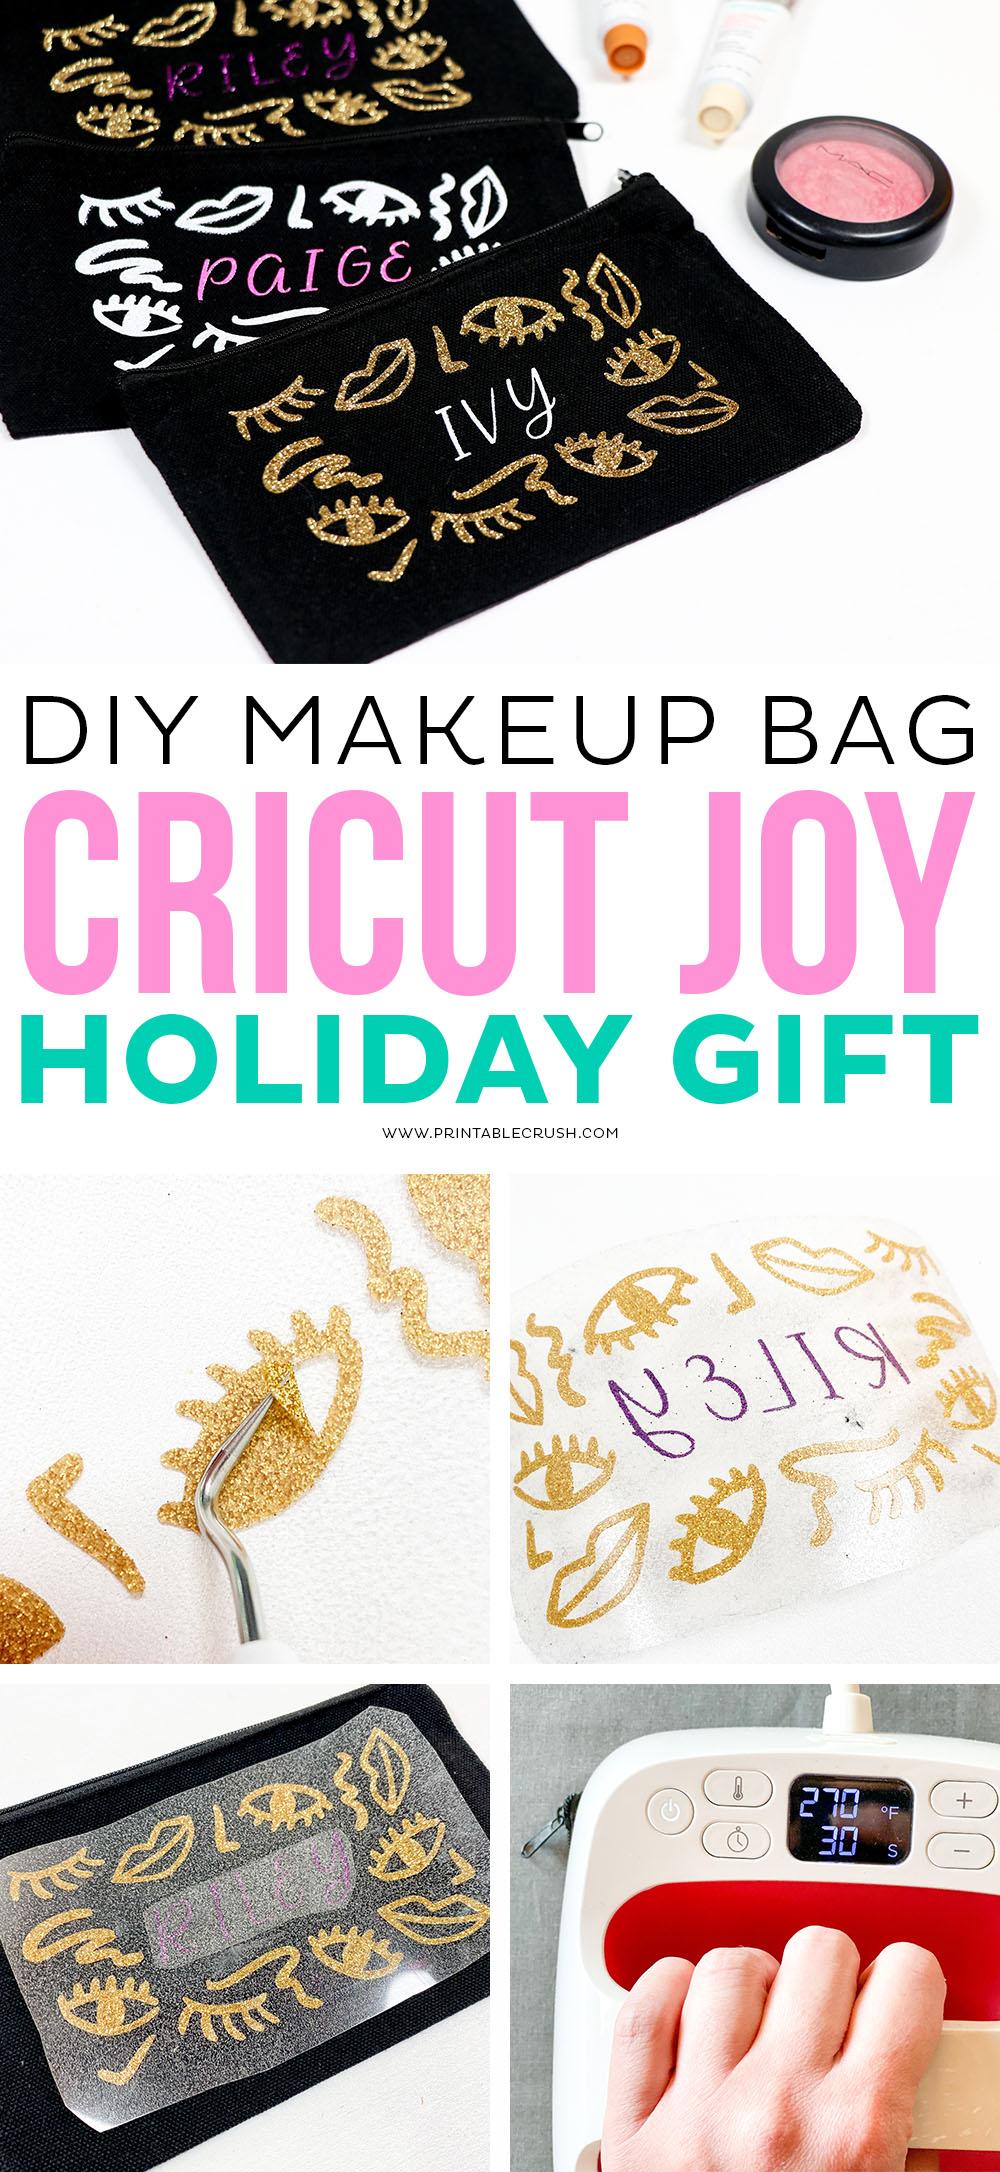 Tutorial for Iron-on Makeup Bag - DIY Holiday Cricut Joy Gift Idea - Cricut Gift Idea - Cricut Christmas Gift - Printable Crush